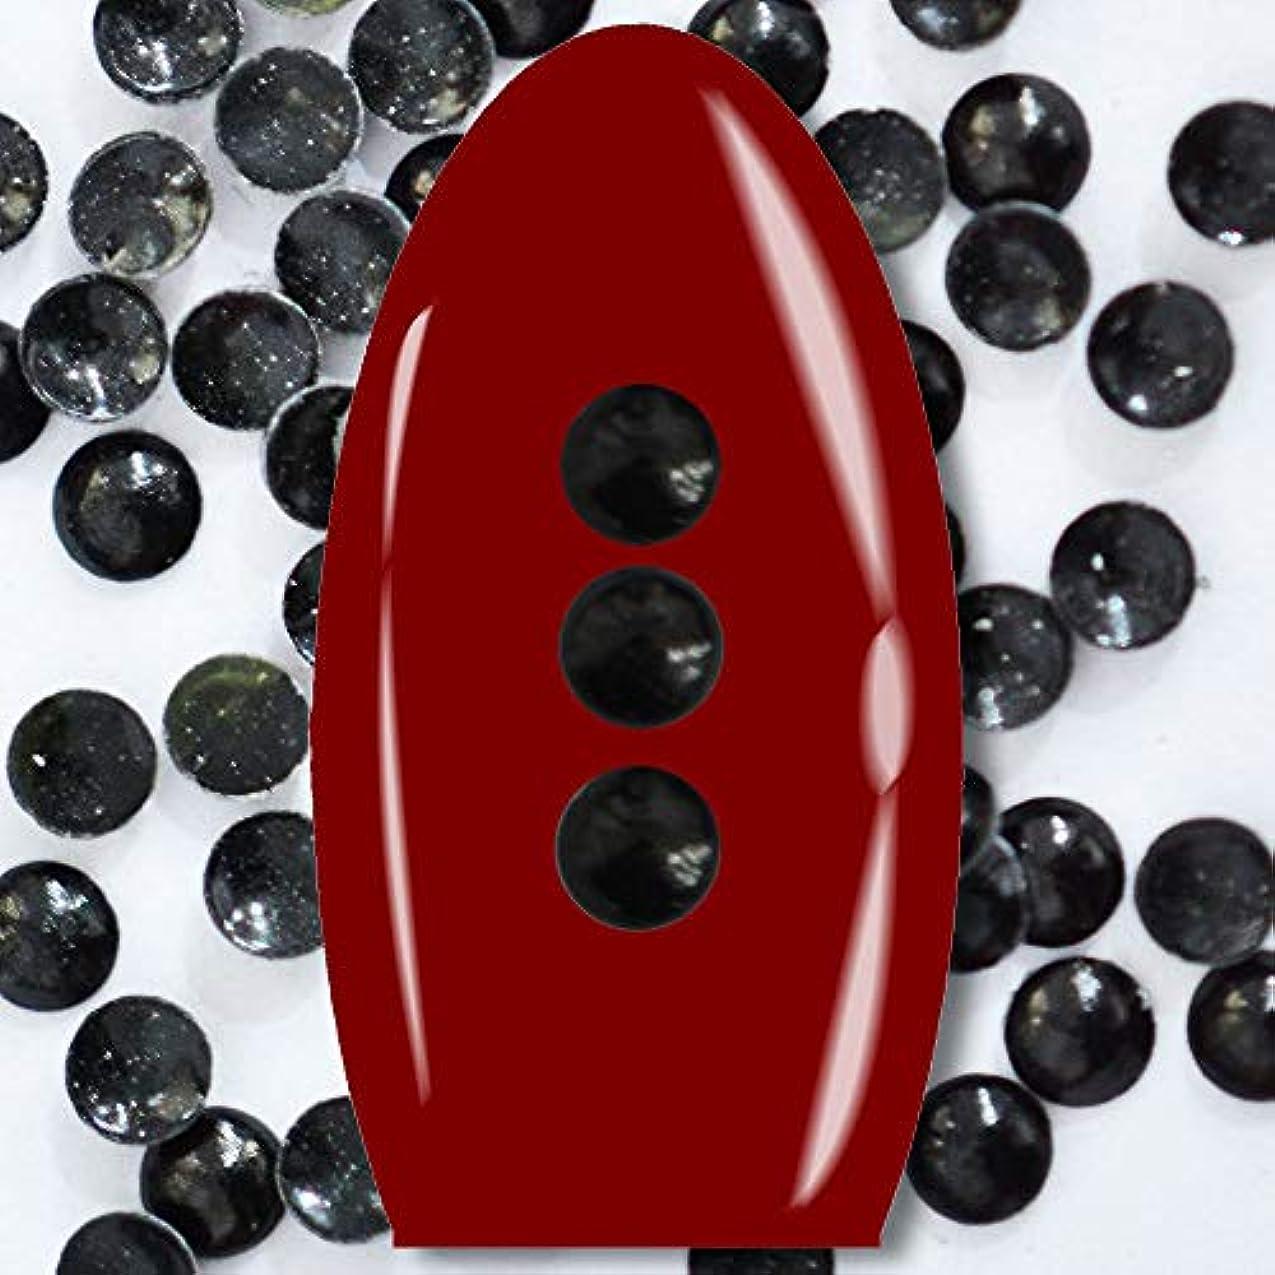 療法変装哲学者メタルスタッズ ネイル用 50粒 STZ029 ラウンド ライトゴールド Φ3mm ぷっくり半球型